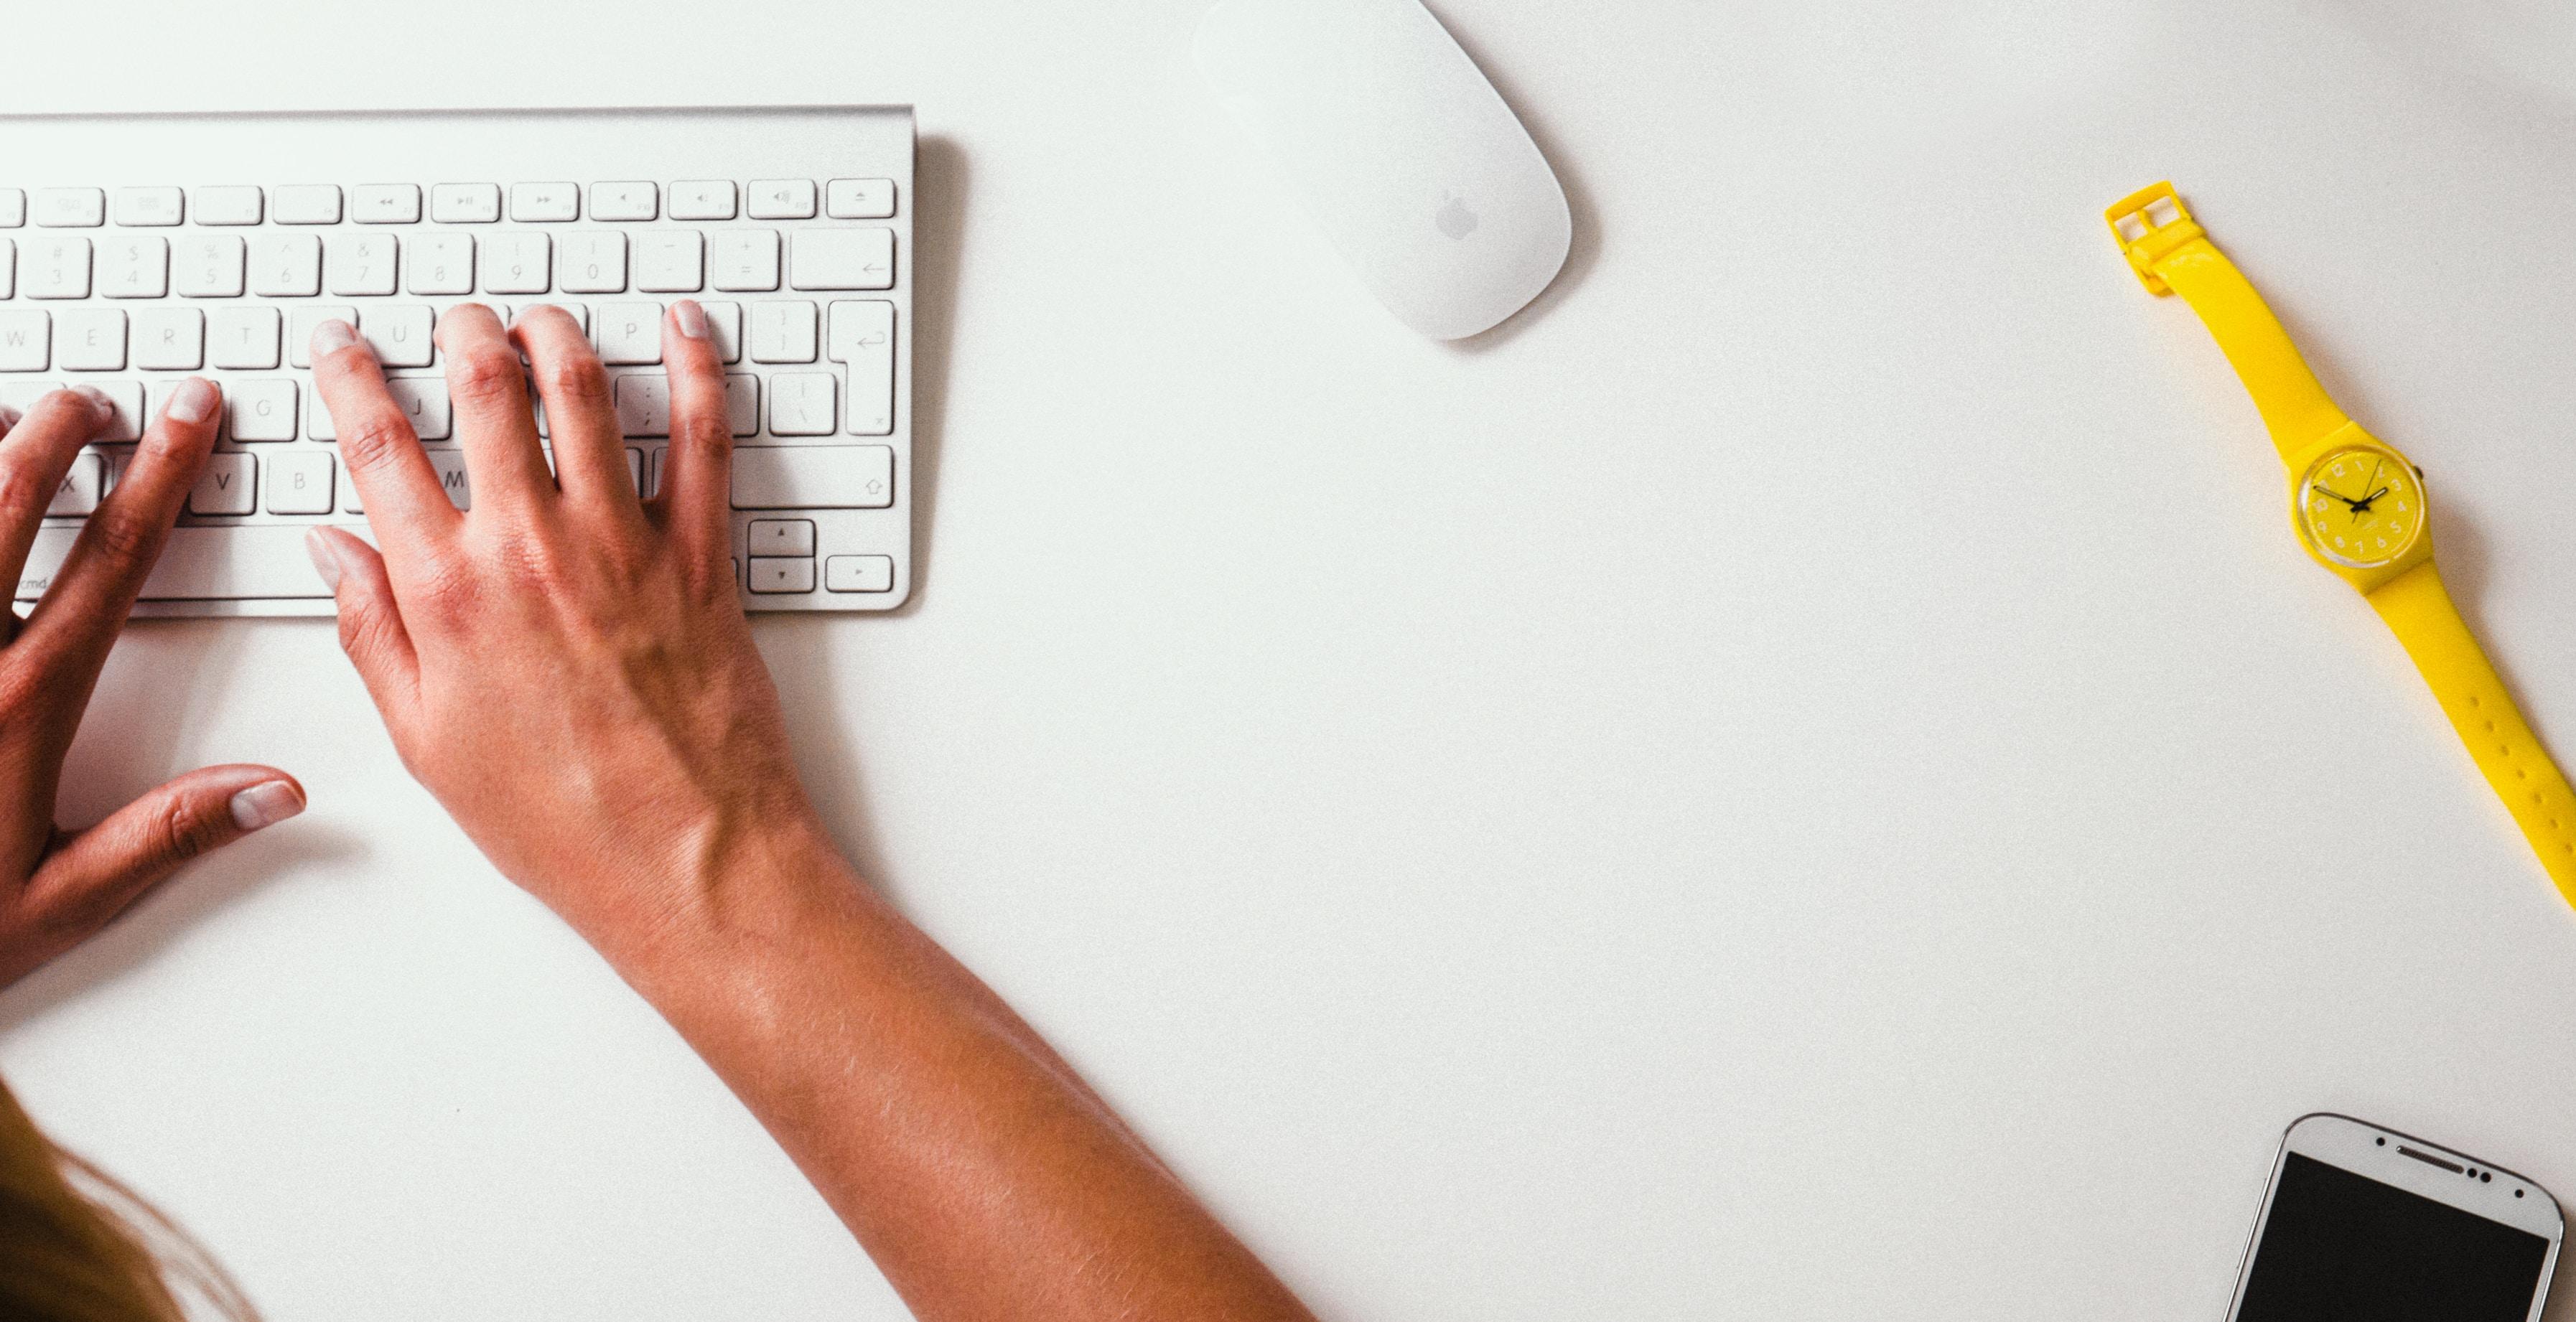 Convocatorias abiertas en Ciencias Sociales y Humanidades Digitales (12/02/2020)